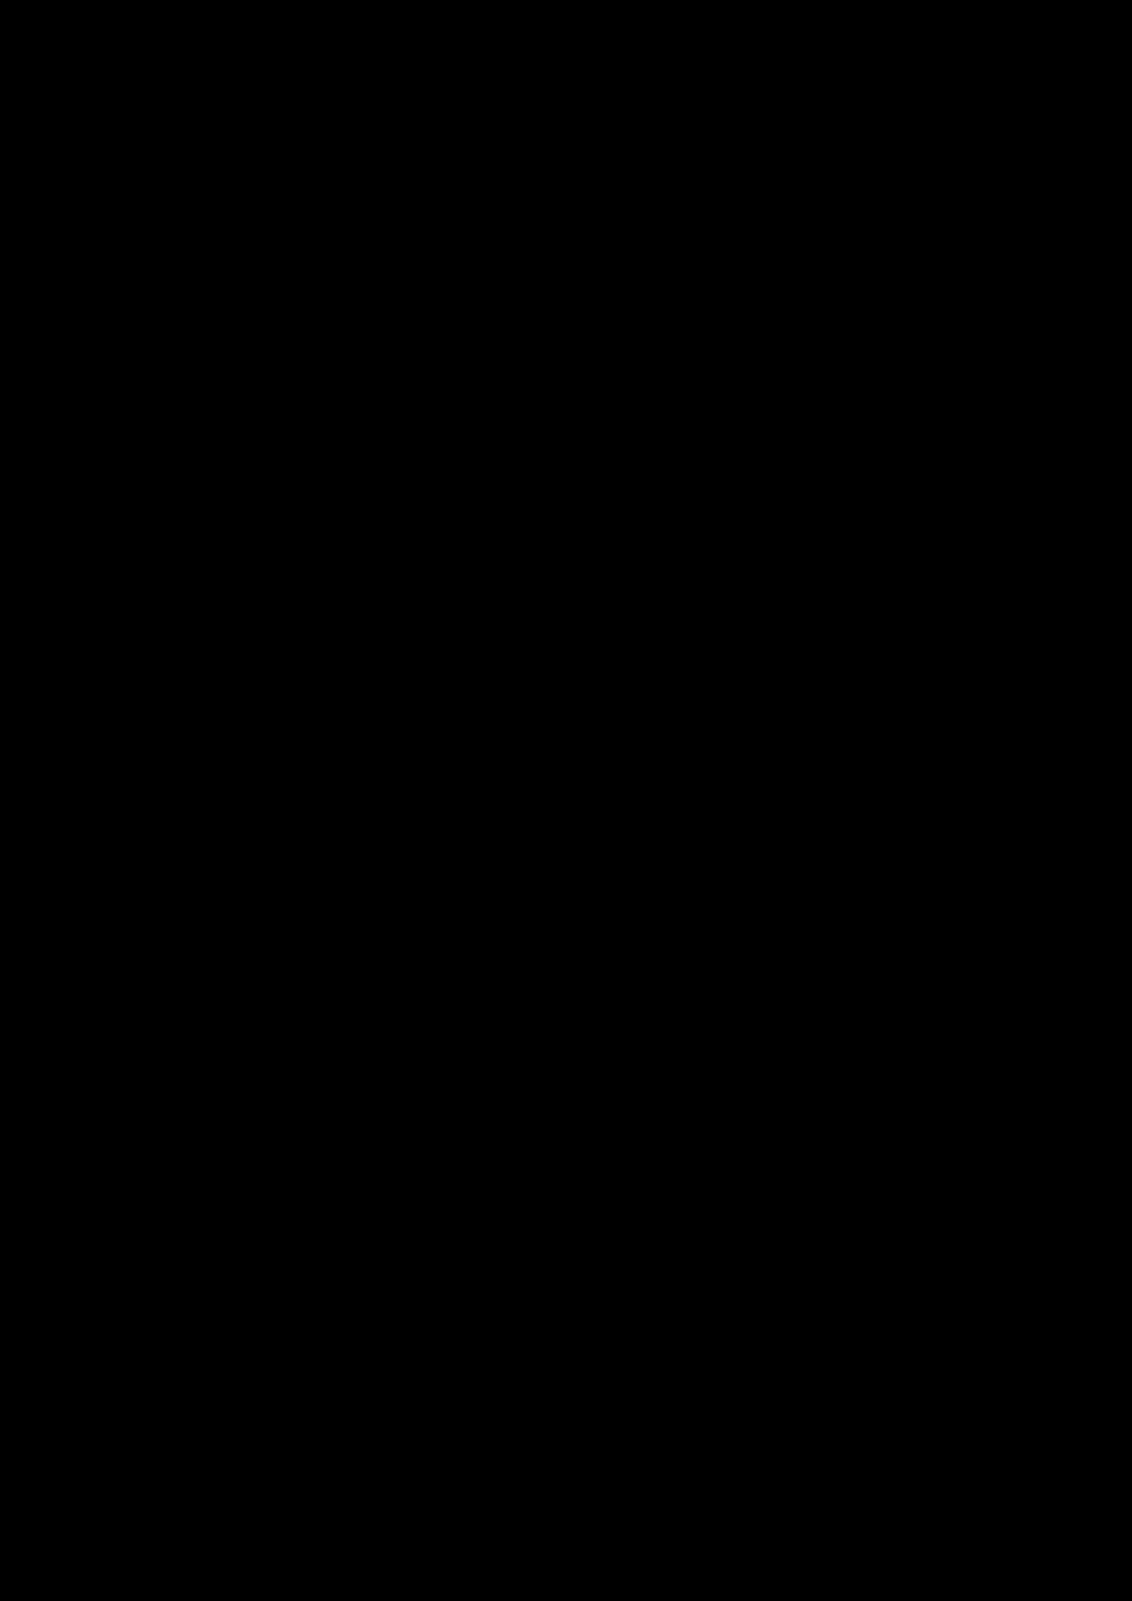 Prolog slide, Image 5